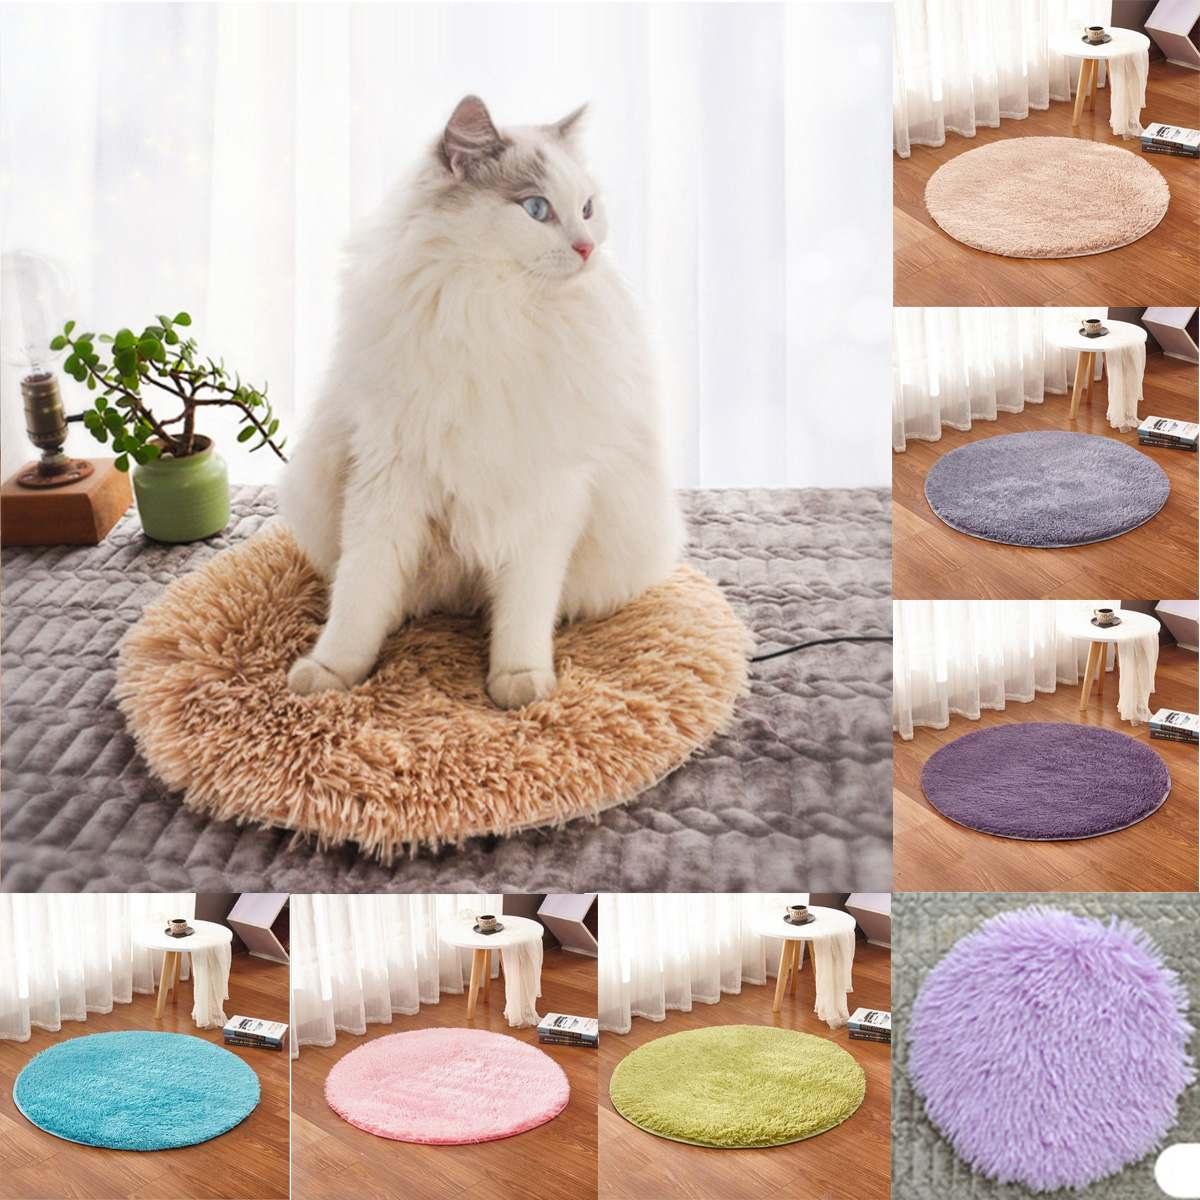 40cm animaux chien lit chauffant tapis coussin chauffant bon chat chien lit corps hiver plus chaud tapis animal en peluche electrique couverture siege